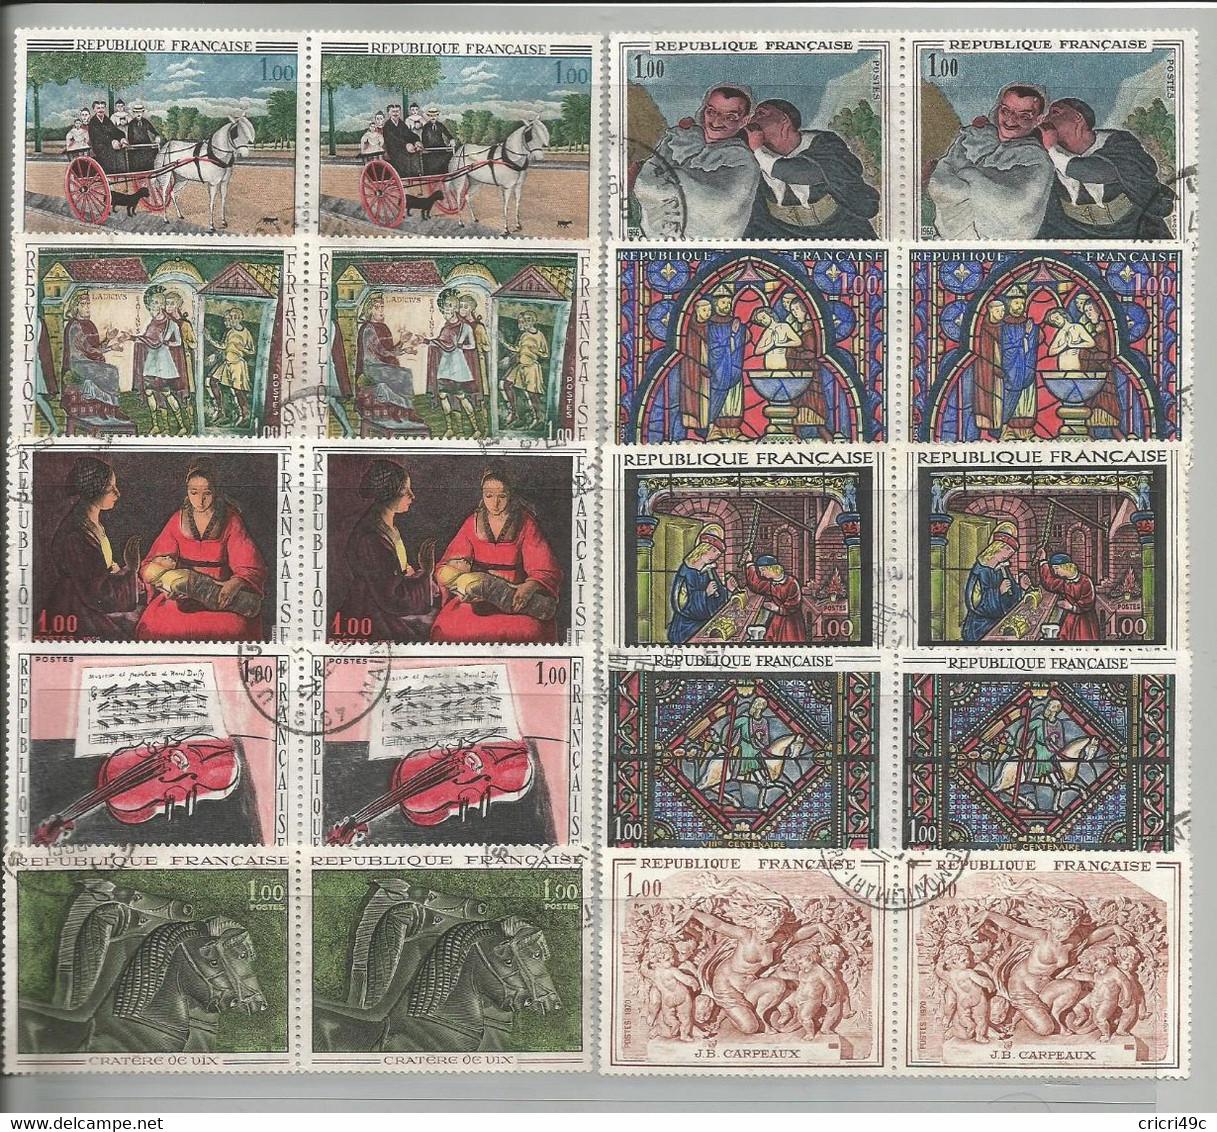 Timbres Oblitérés, Tableaux Ou Oeuvres D'art De 1964 à 1970 - Colecciones (sin álbumes)